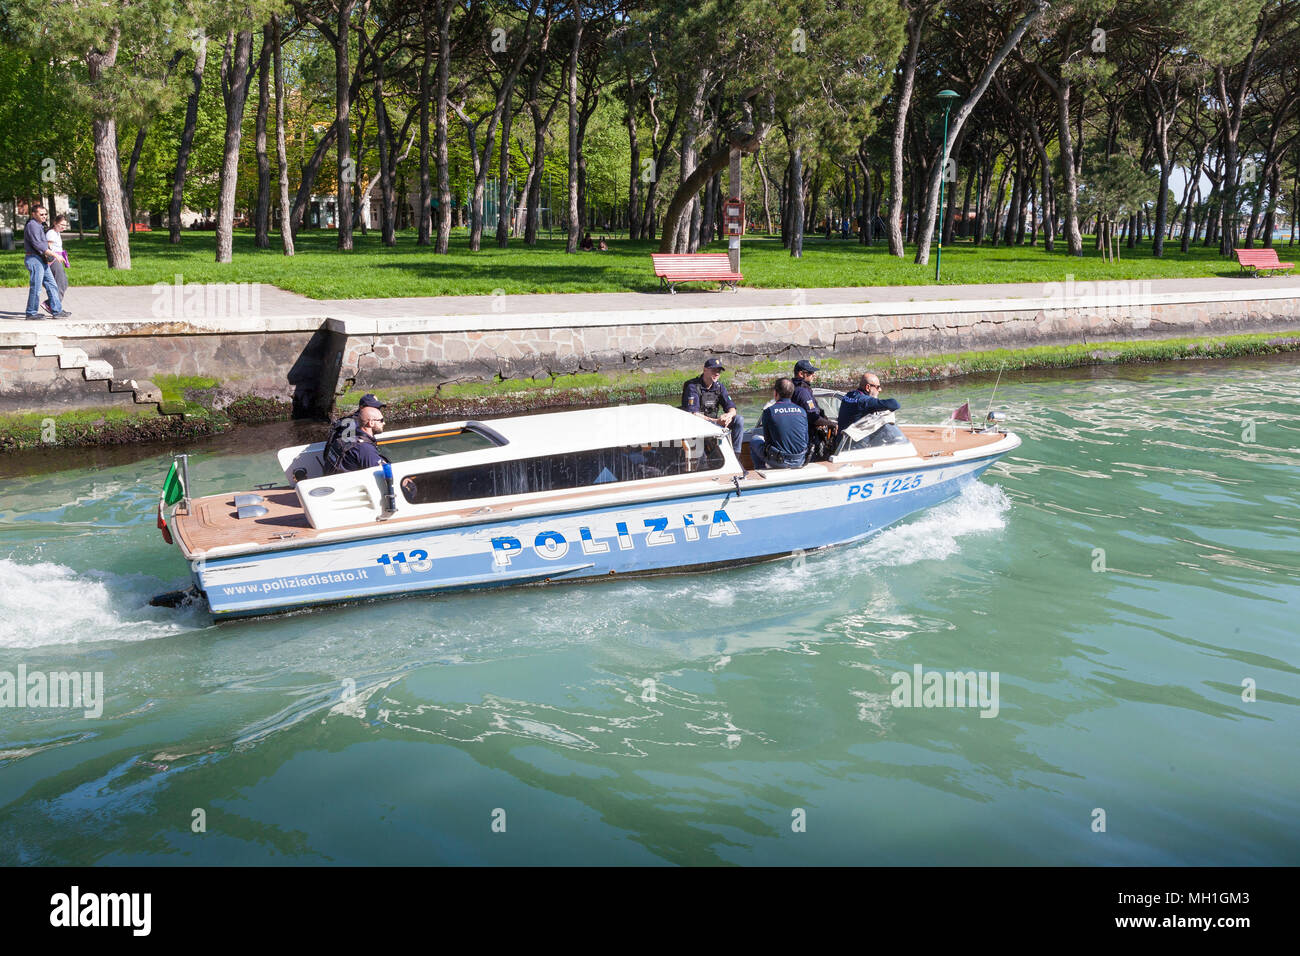 Italienischen Polizia patrol Boot auf dem Rio del Giardini, Castello, Venice, Italien mit einem Team von Polizisten, Paar beobachtet sie Pass und Sant'Elena beh Stockbild